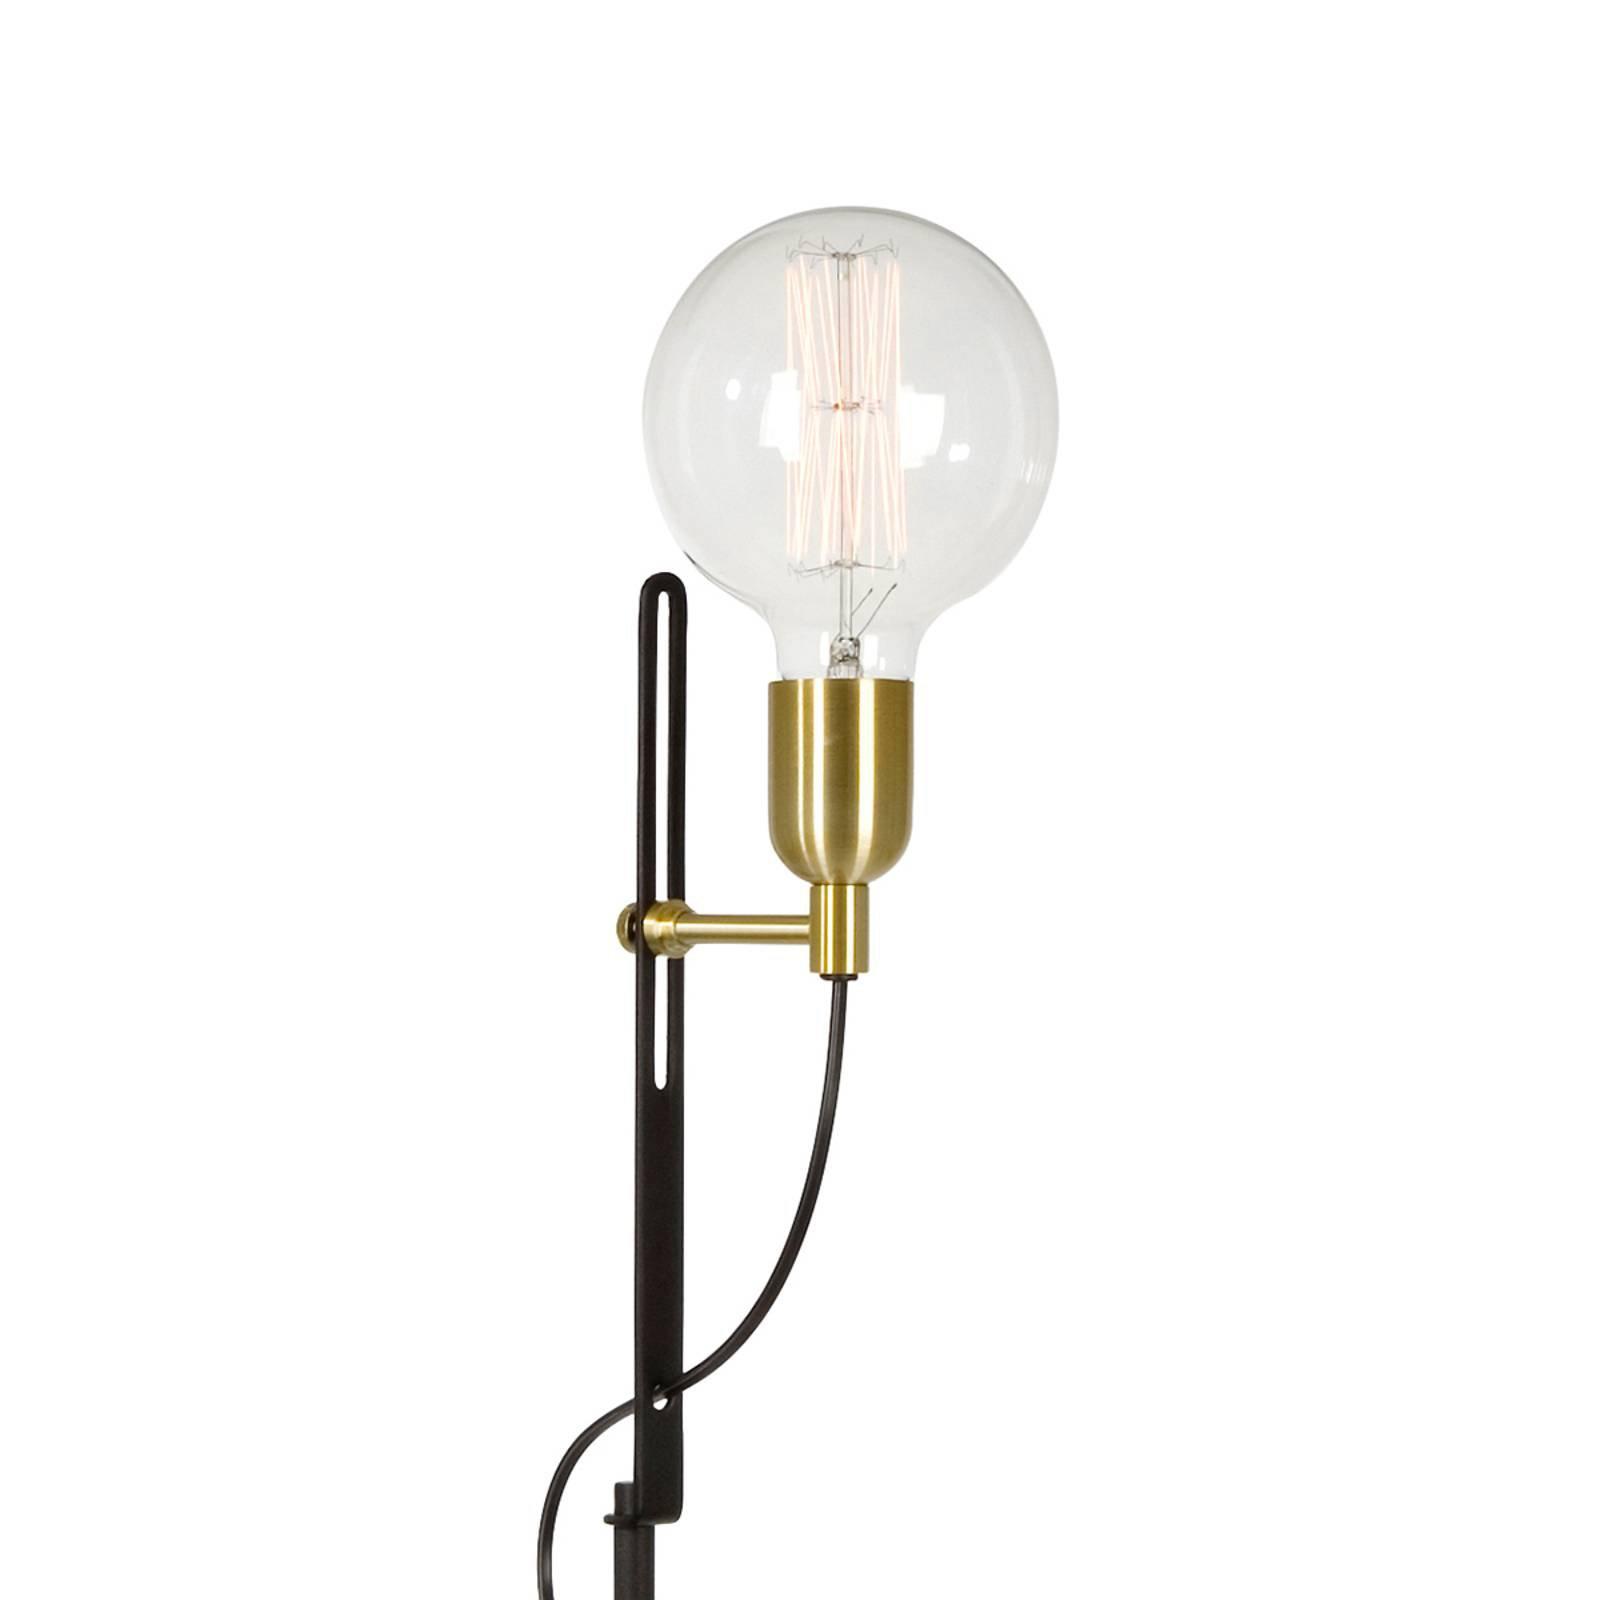 Unik stålampe Regal svart messing